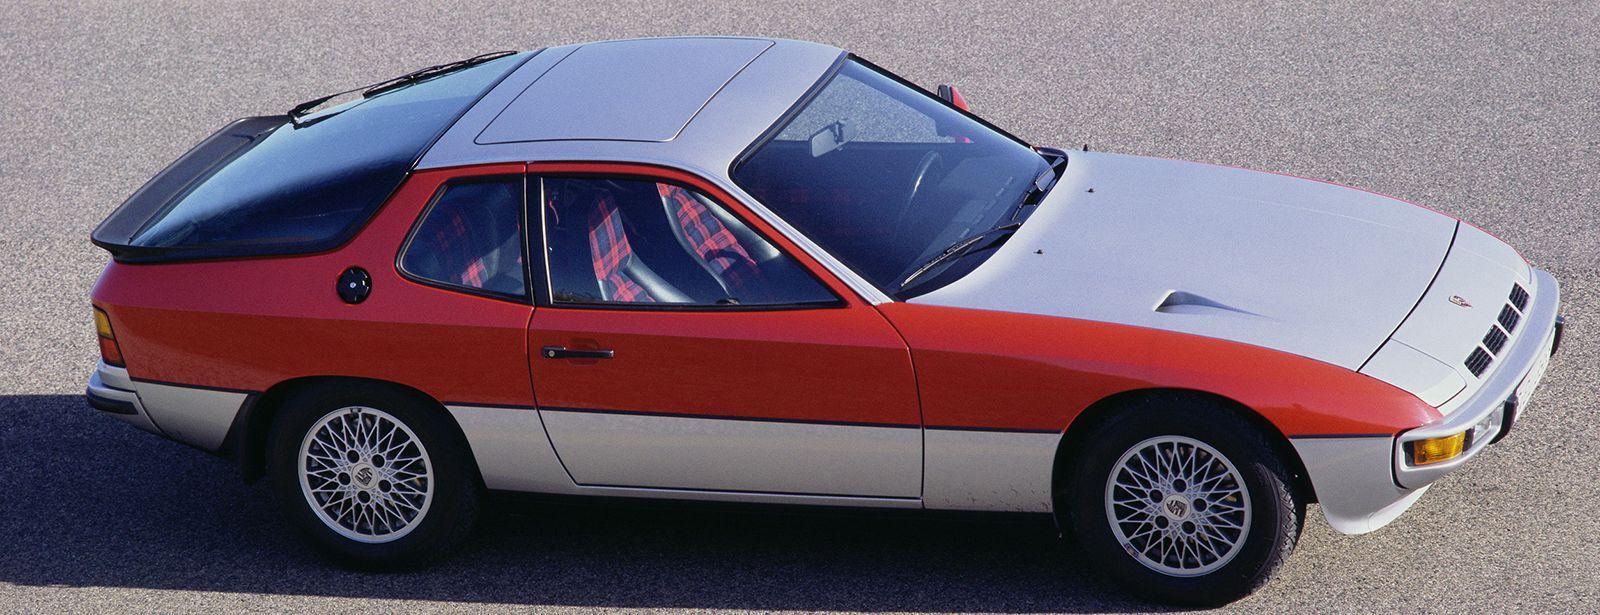 924 Turbo 1978-1984